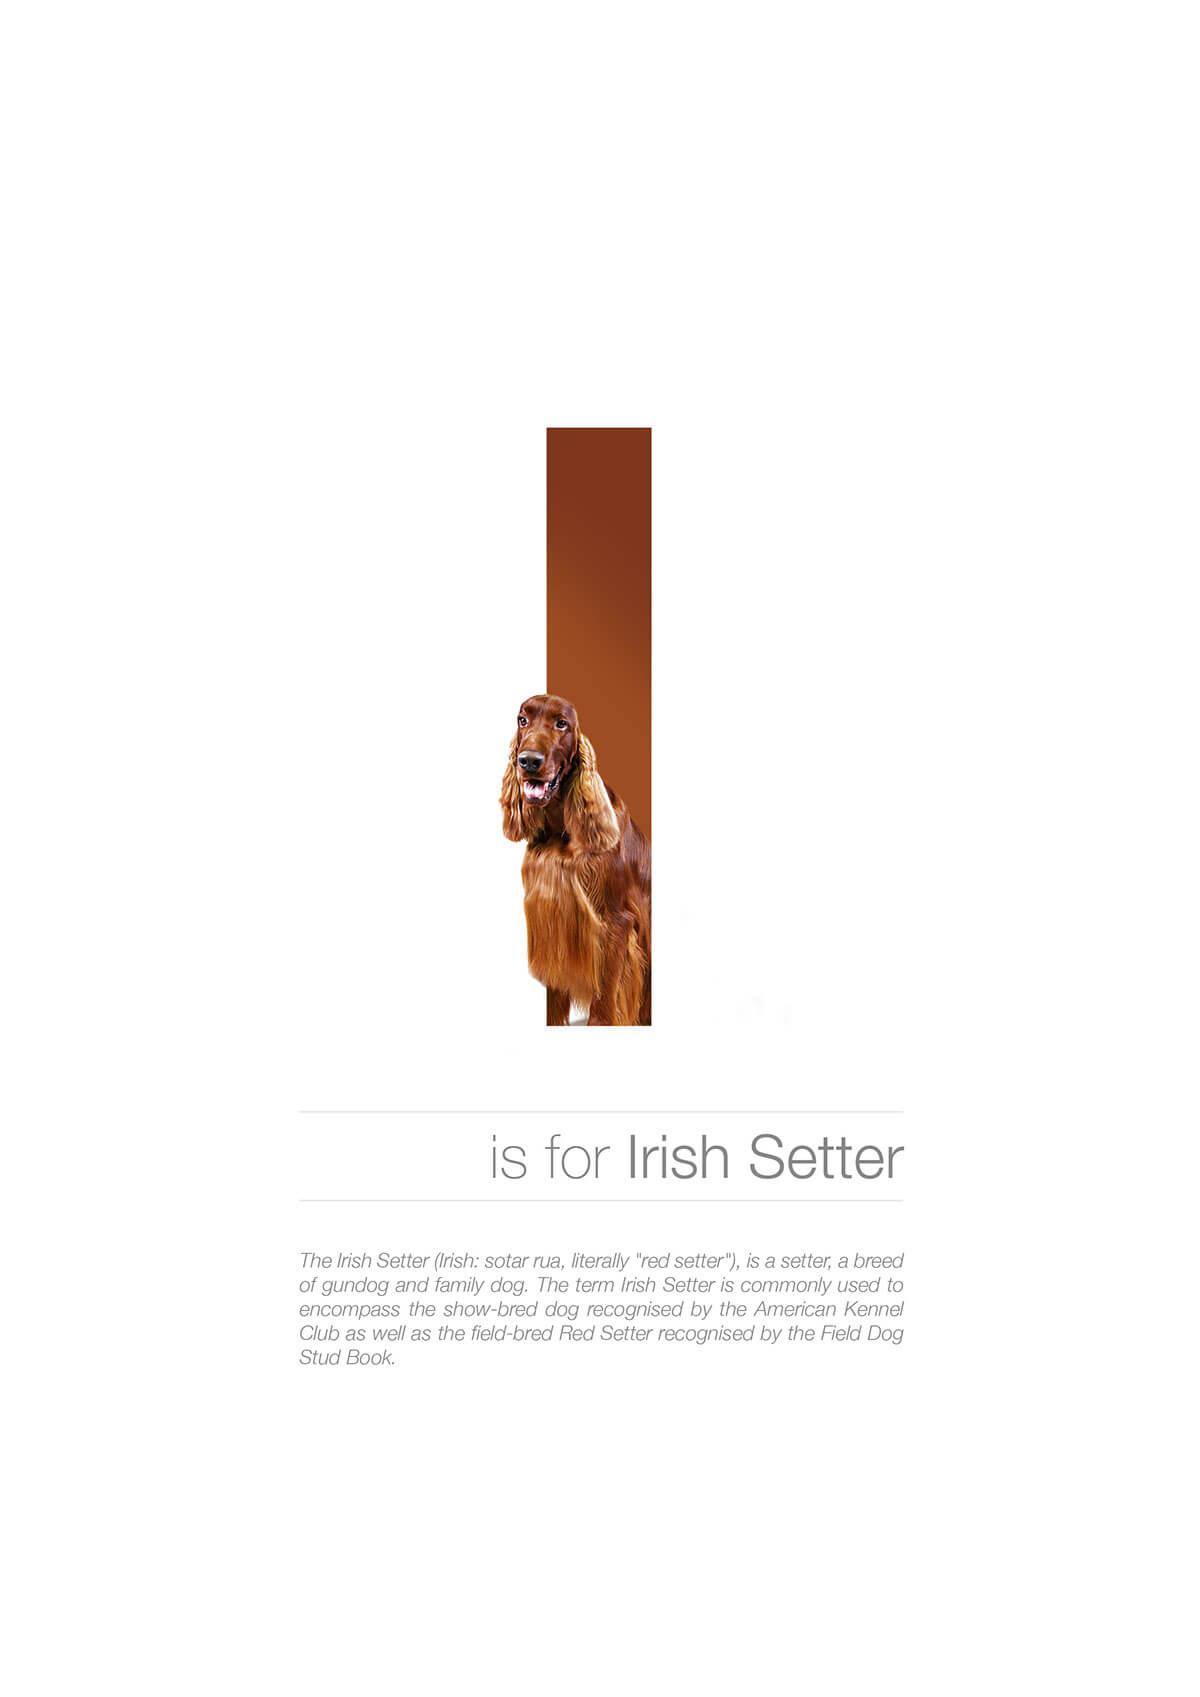 I ตัวอักษรกราฟฟิค A Z สายพันธุ์หมาไอเดียน่ารักจากดีไซน์เนอร์โรมาเนีย